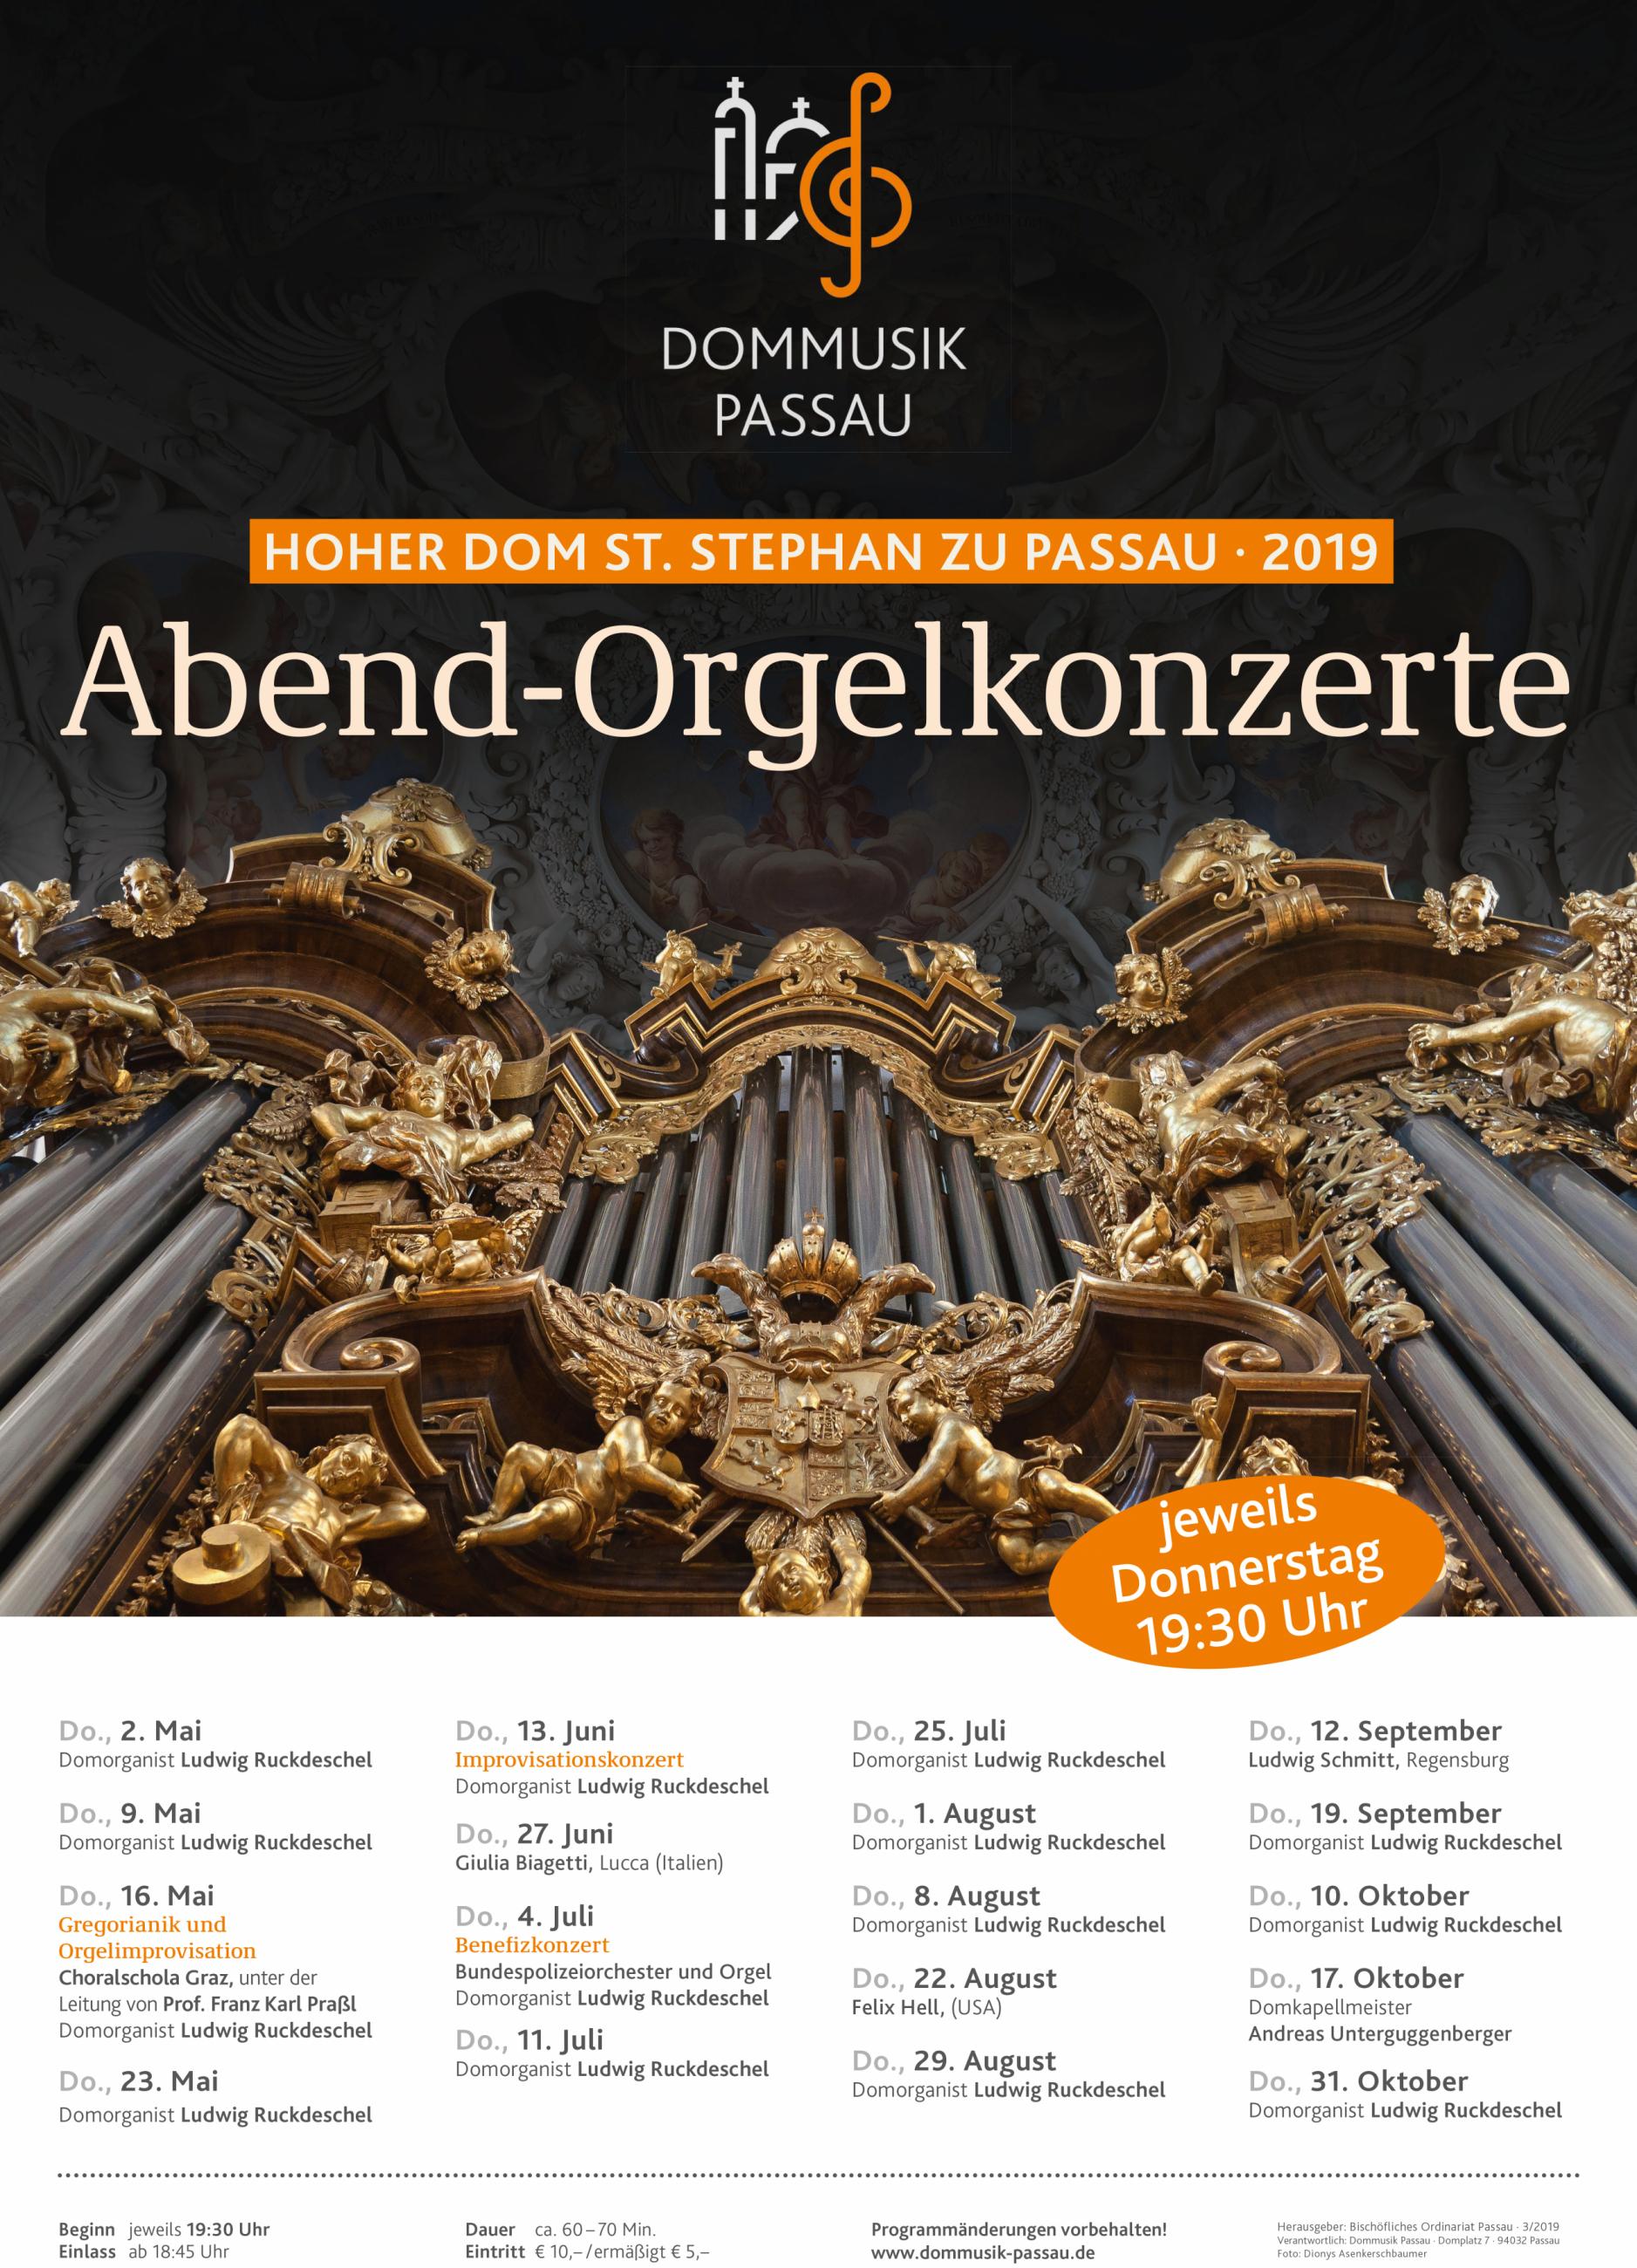 Plakat Abend-Orgelkonzerte 2019